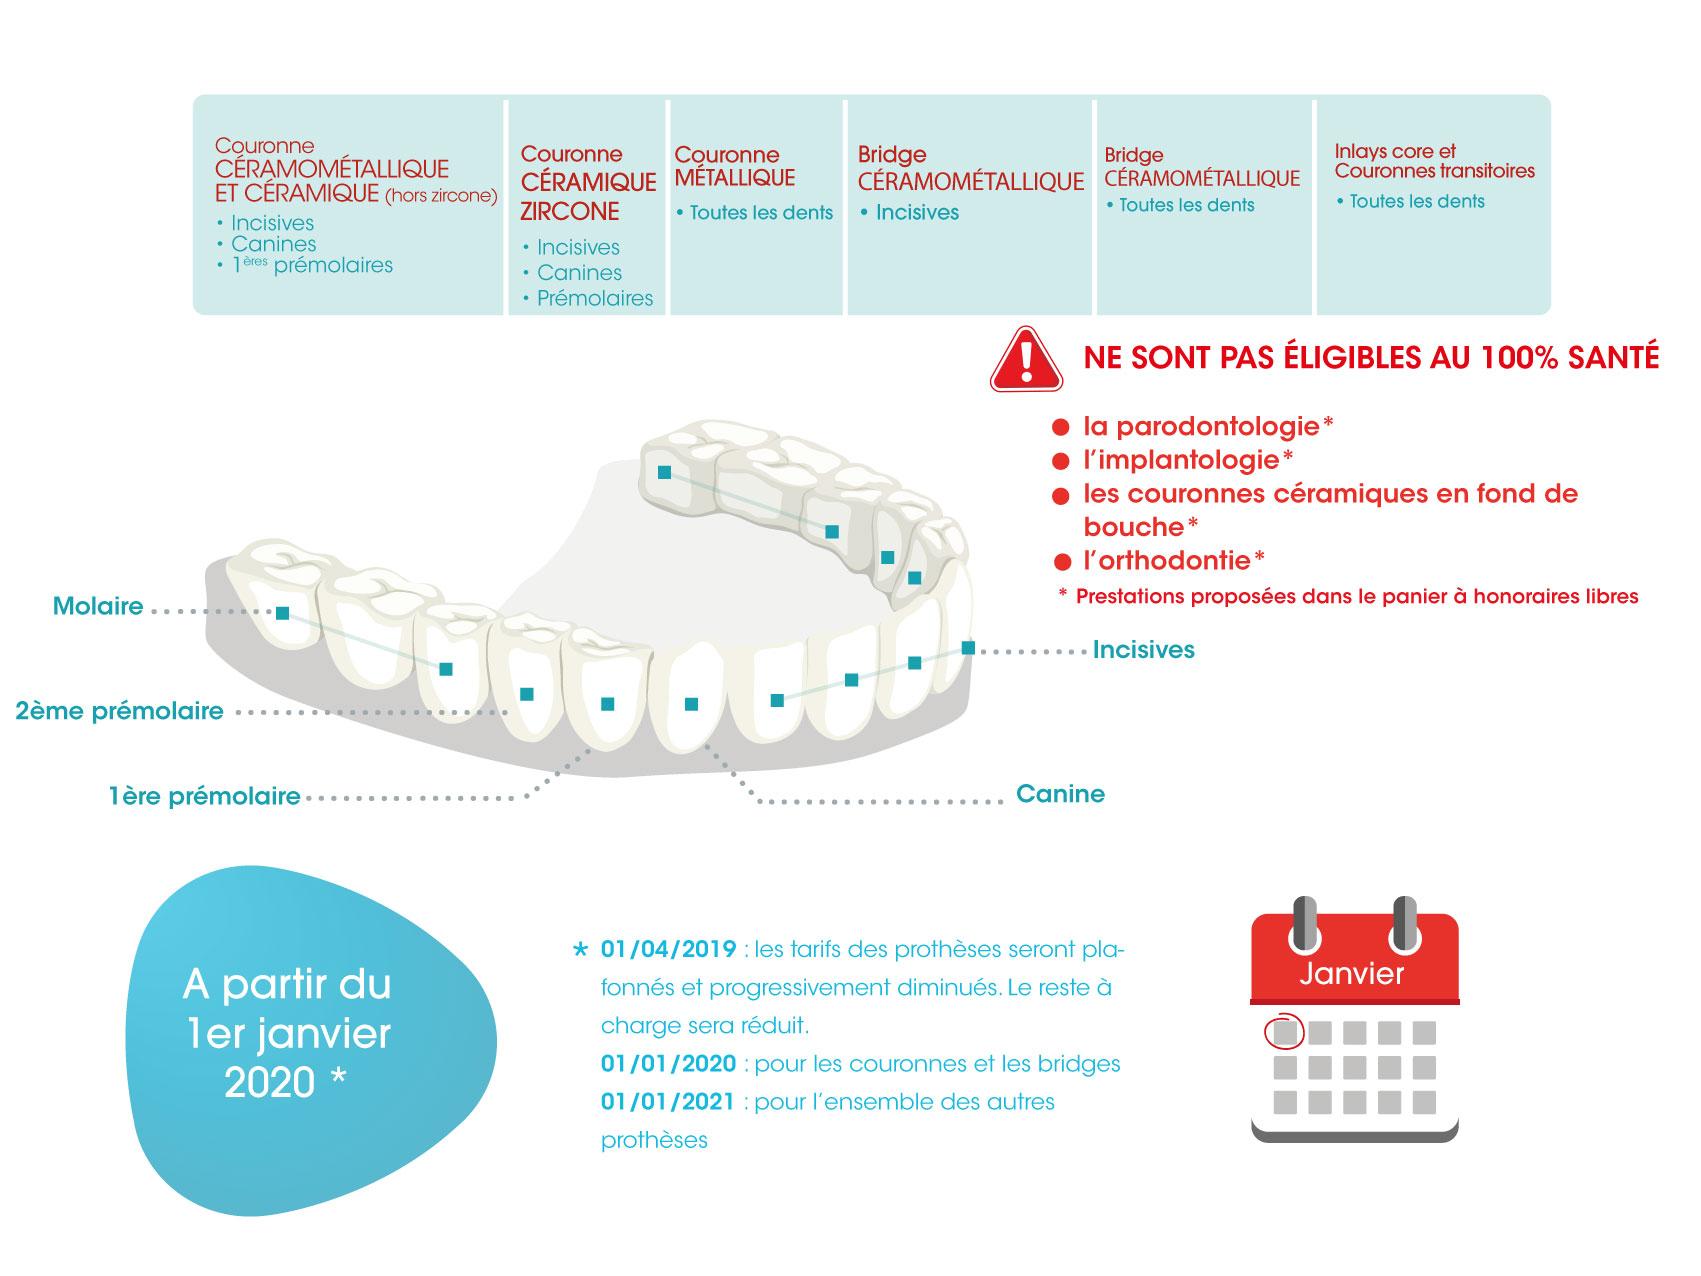 Les prothèses concernées par le 100% santé